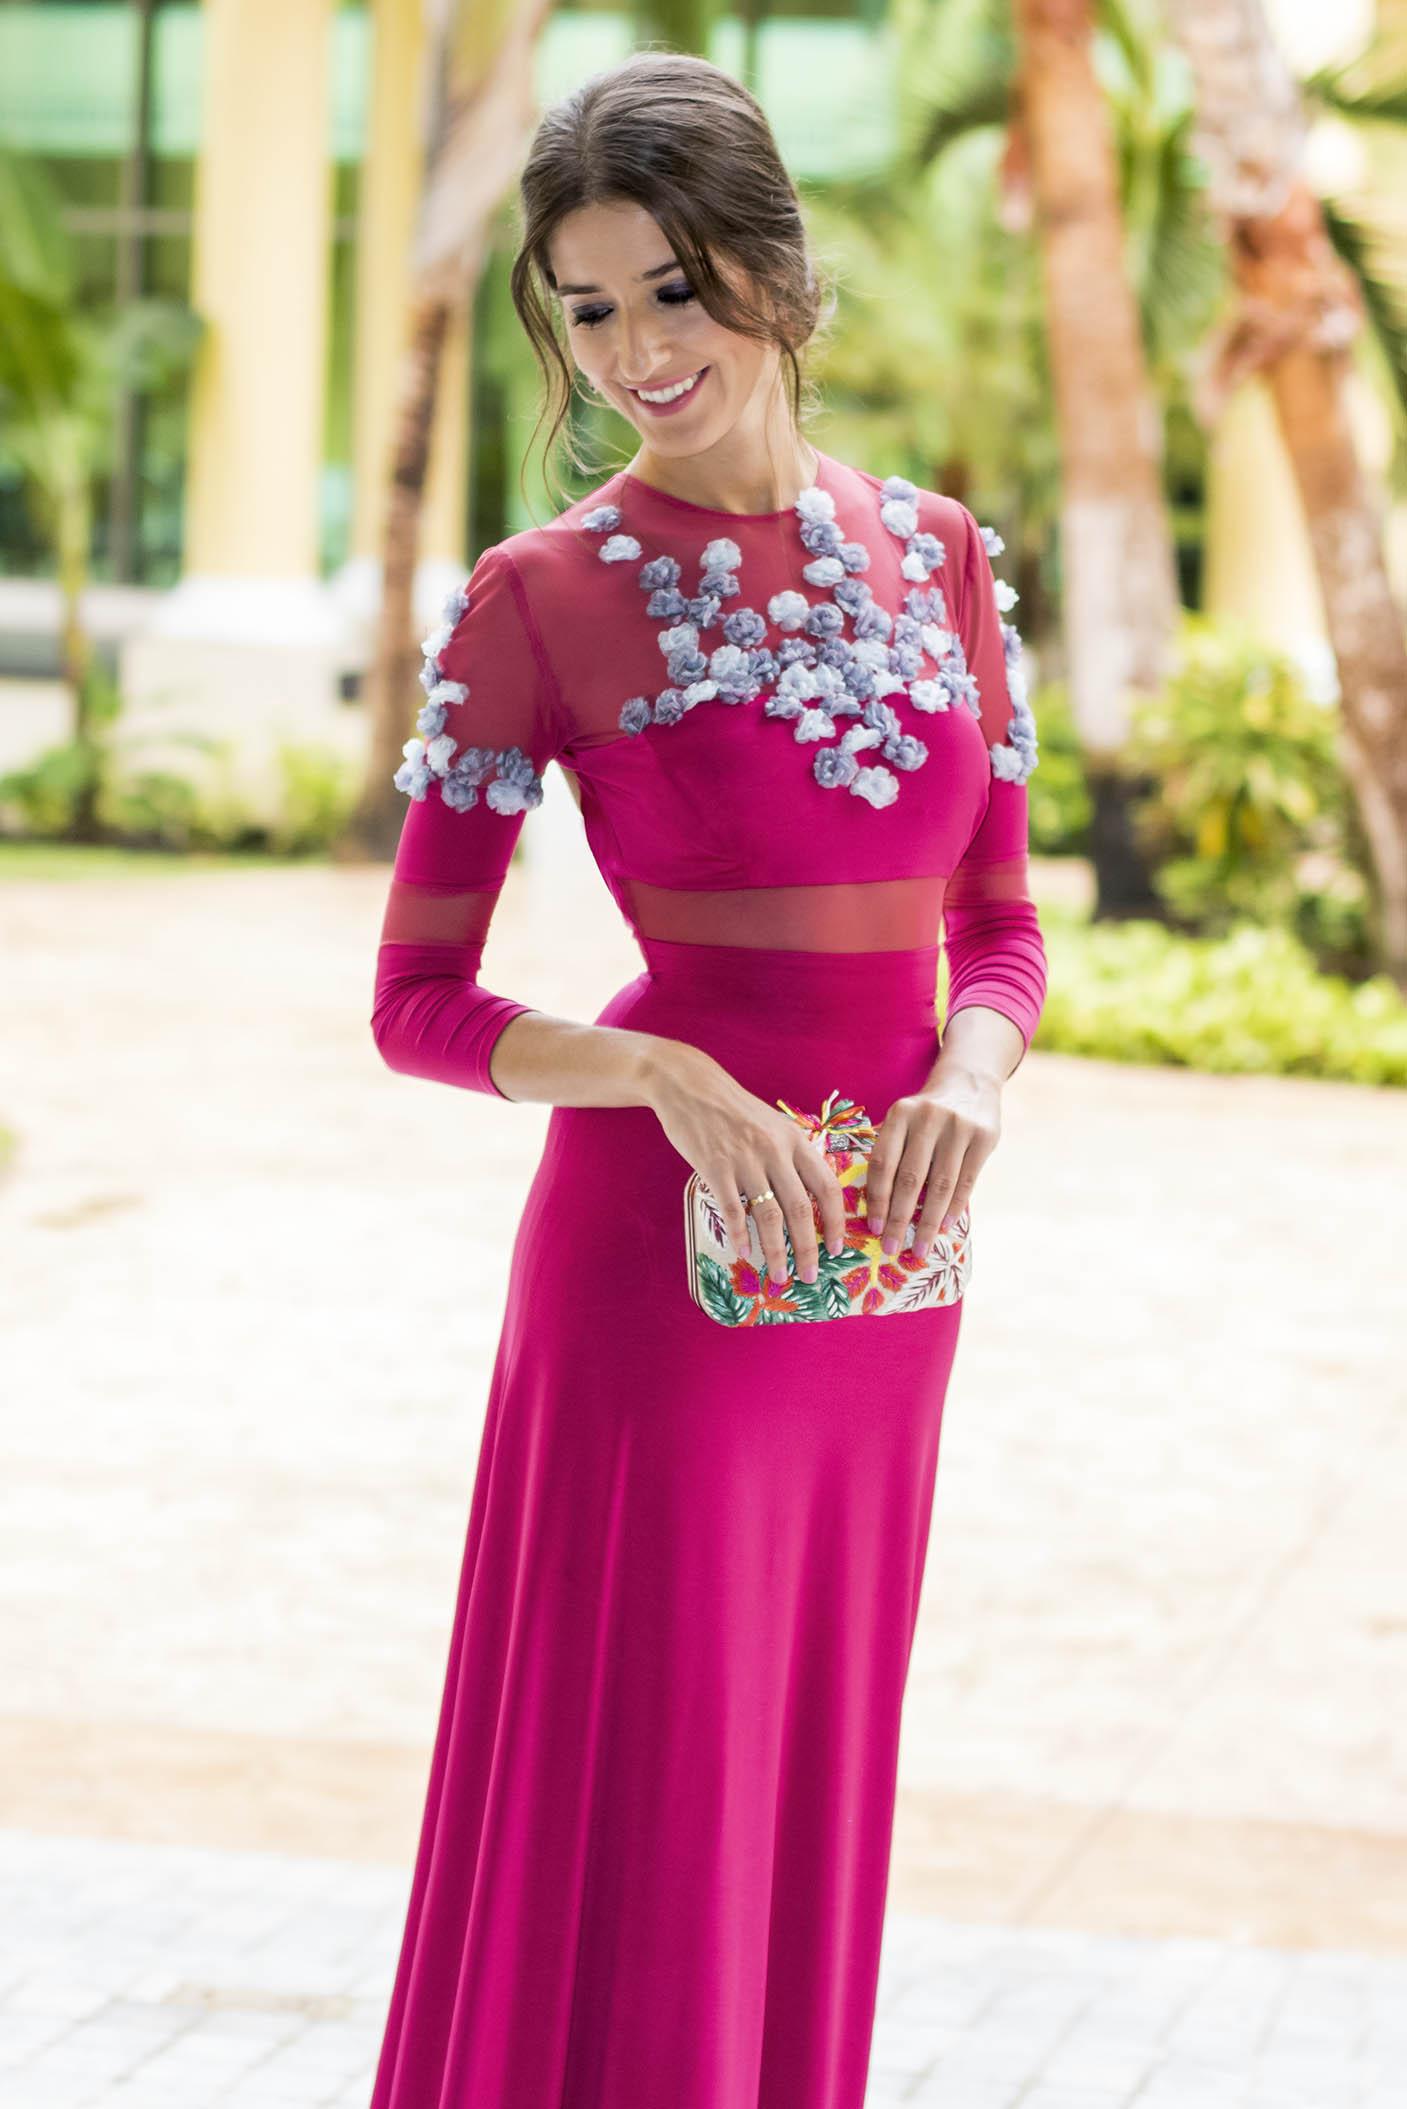 Bonito Vestidos Invitado A La Boda Roja Imagen - Colección de ...